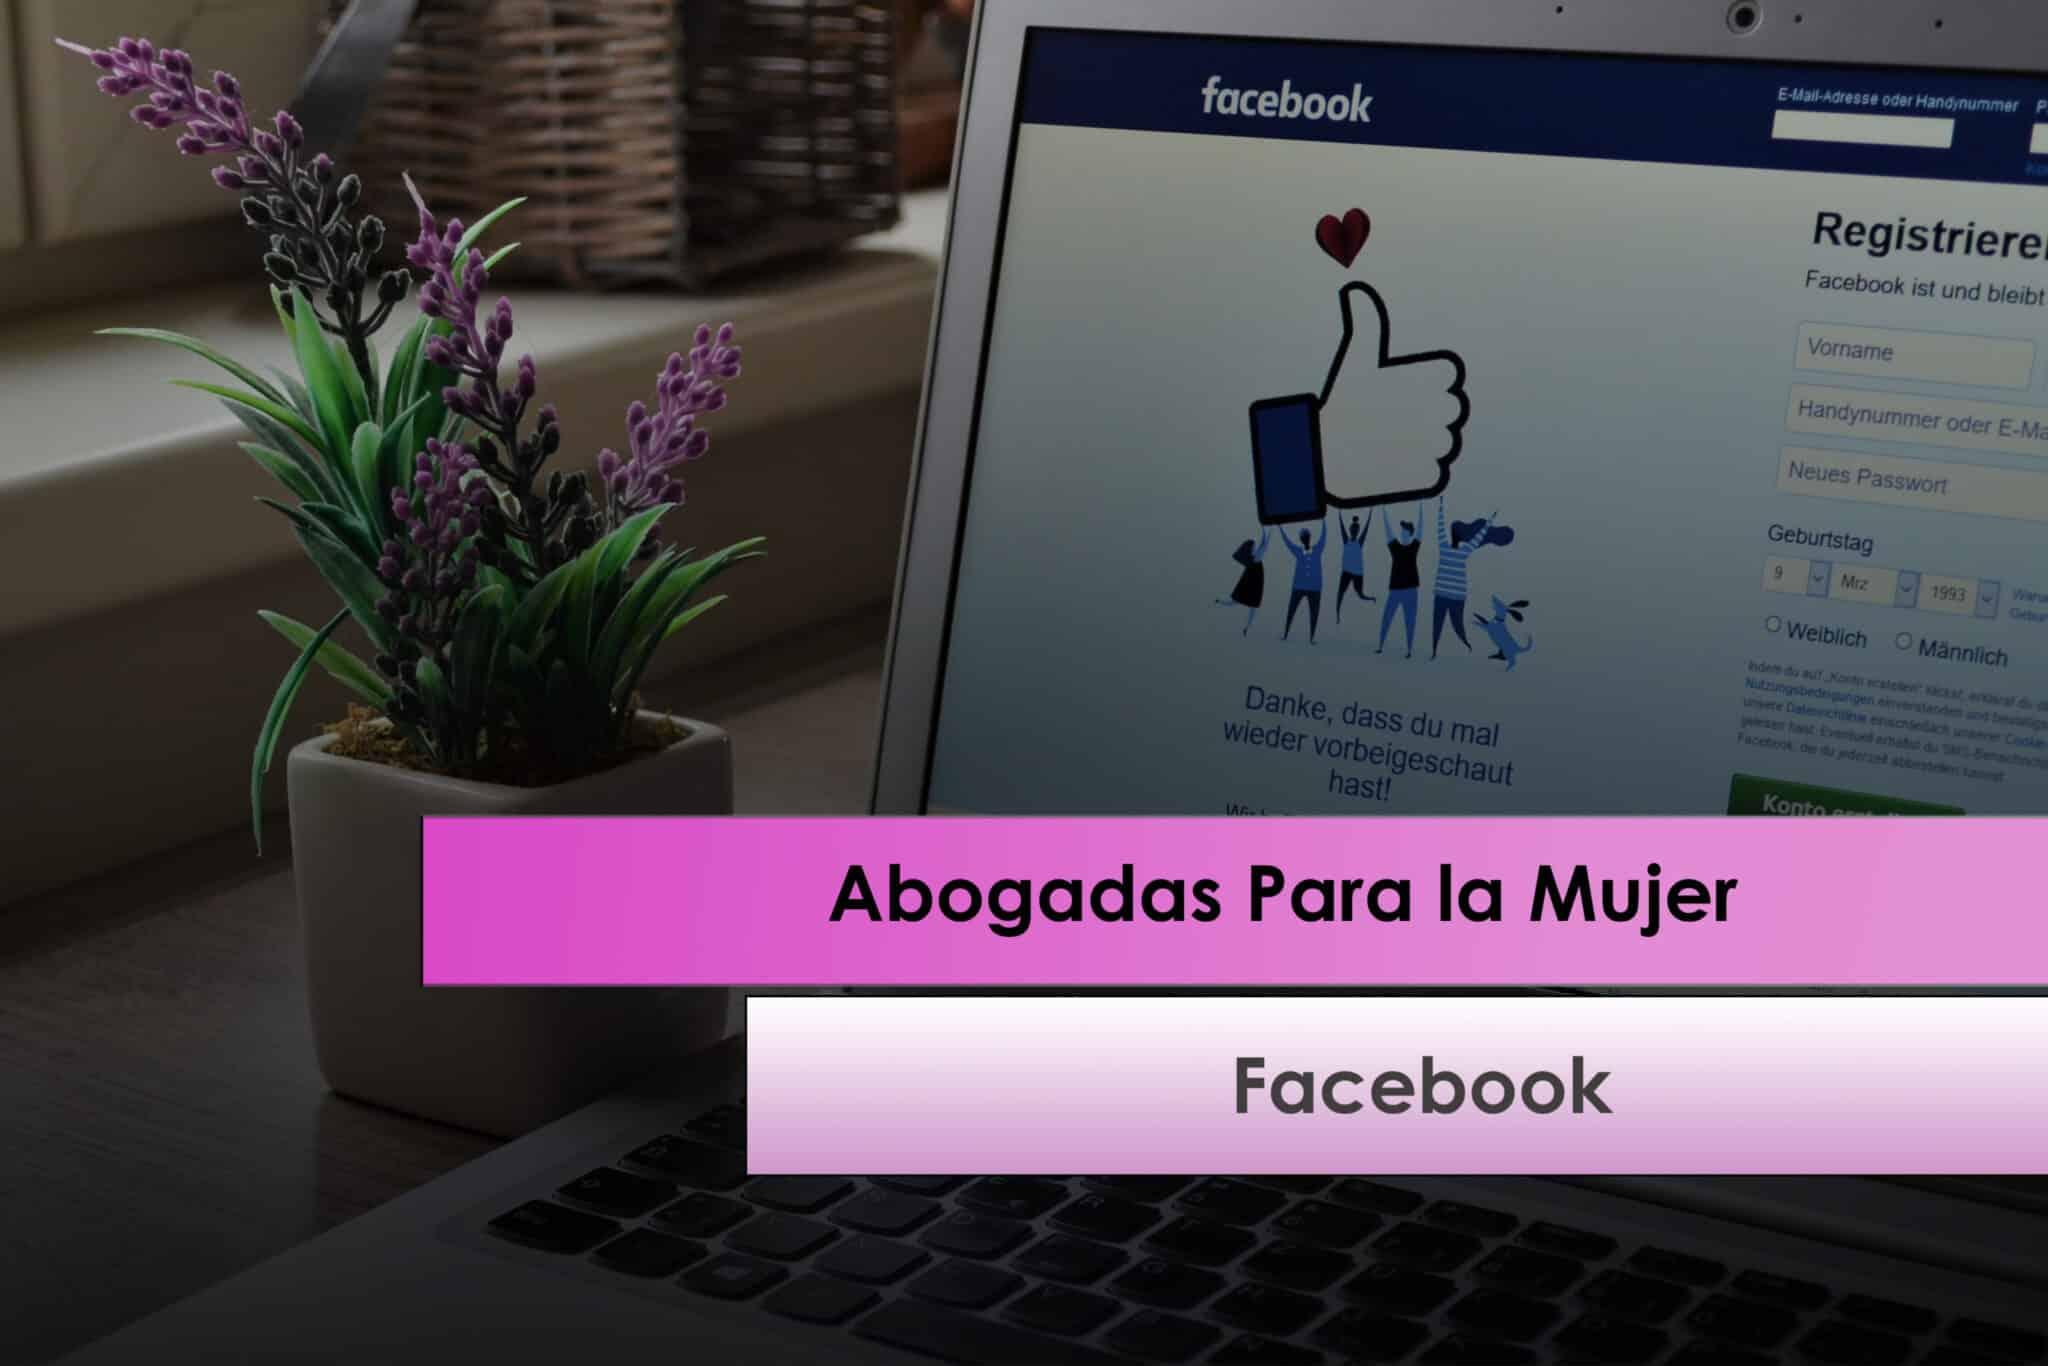 Cuenta de Facebook- Abogadas para la mujer - Abogados de Familia en Elche